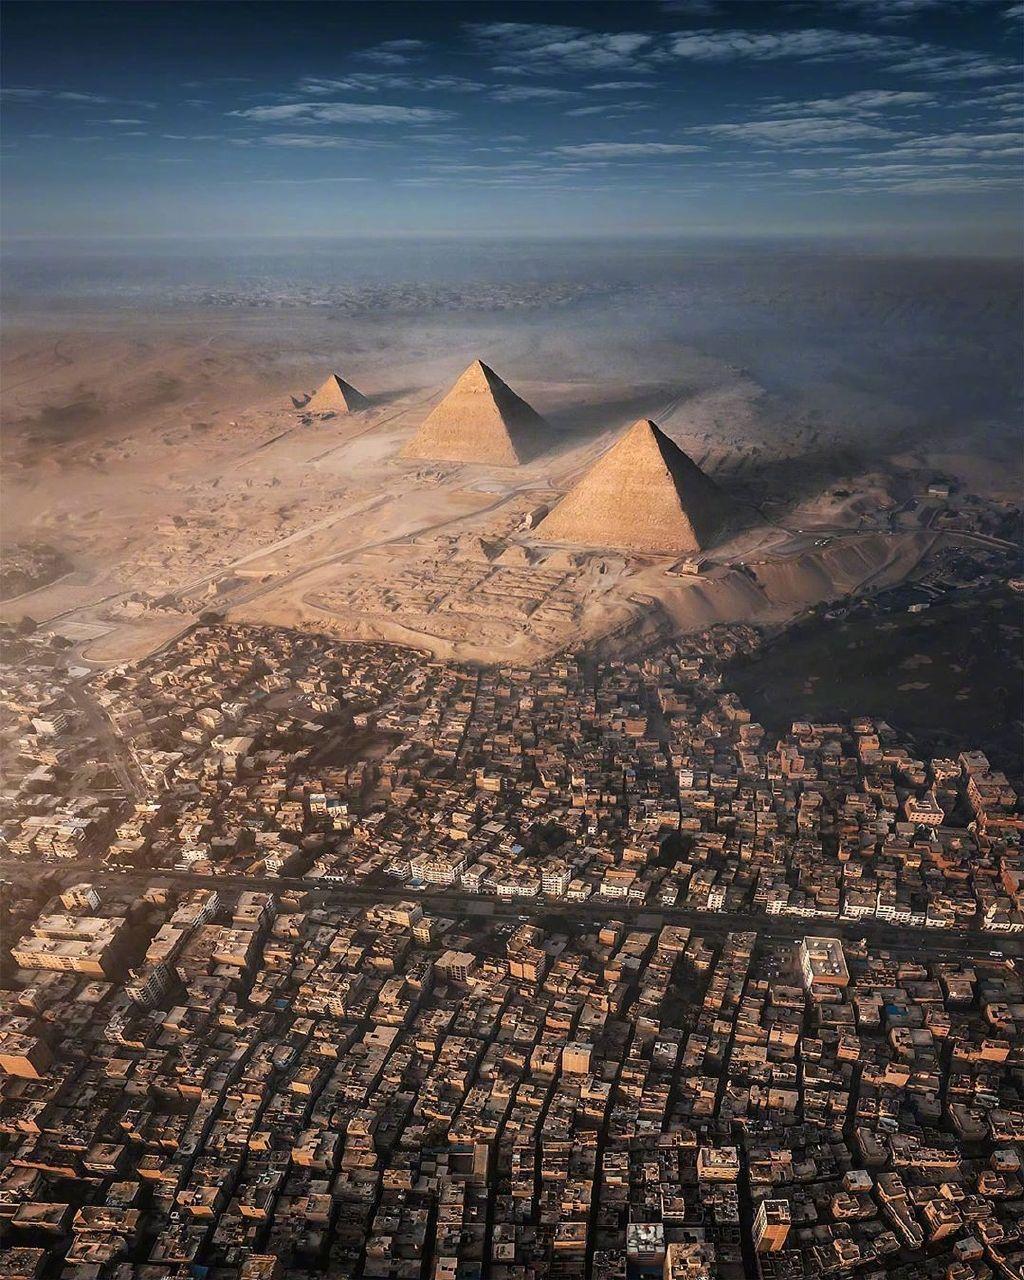 金字塔和吉萨城区(Giza)不可思议的对比,图片来自:旅行摄影师 Sebastien Nagy(IG / sebastien.nagy) 